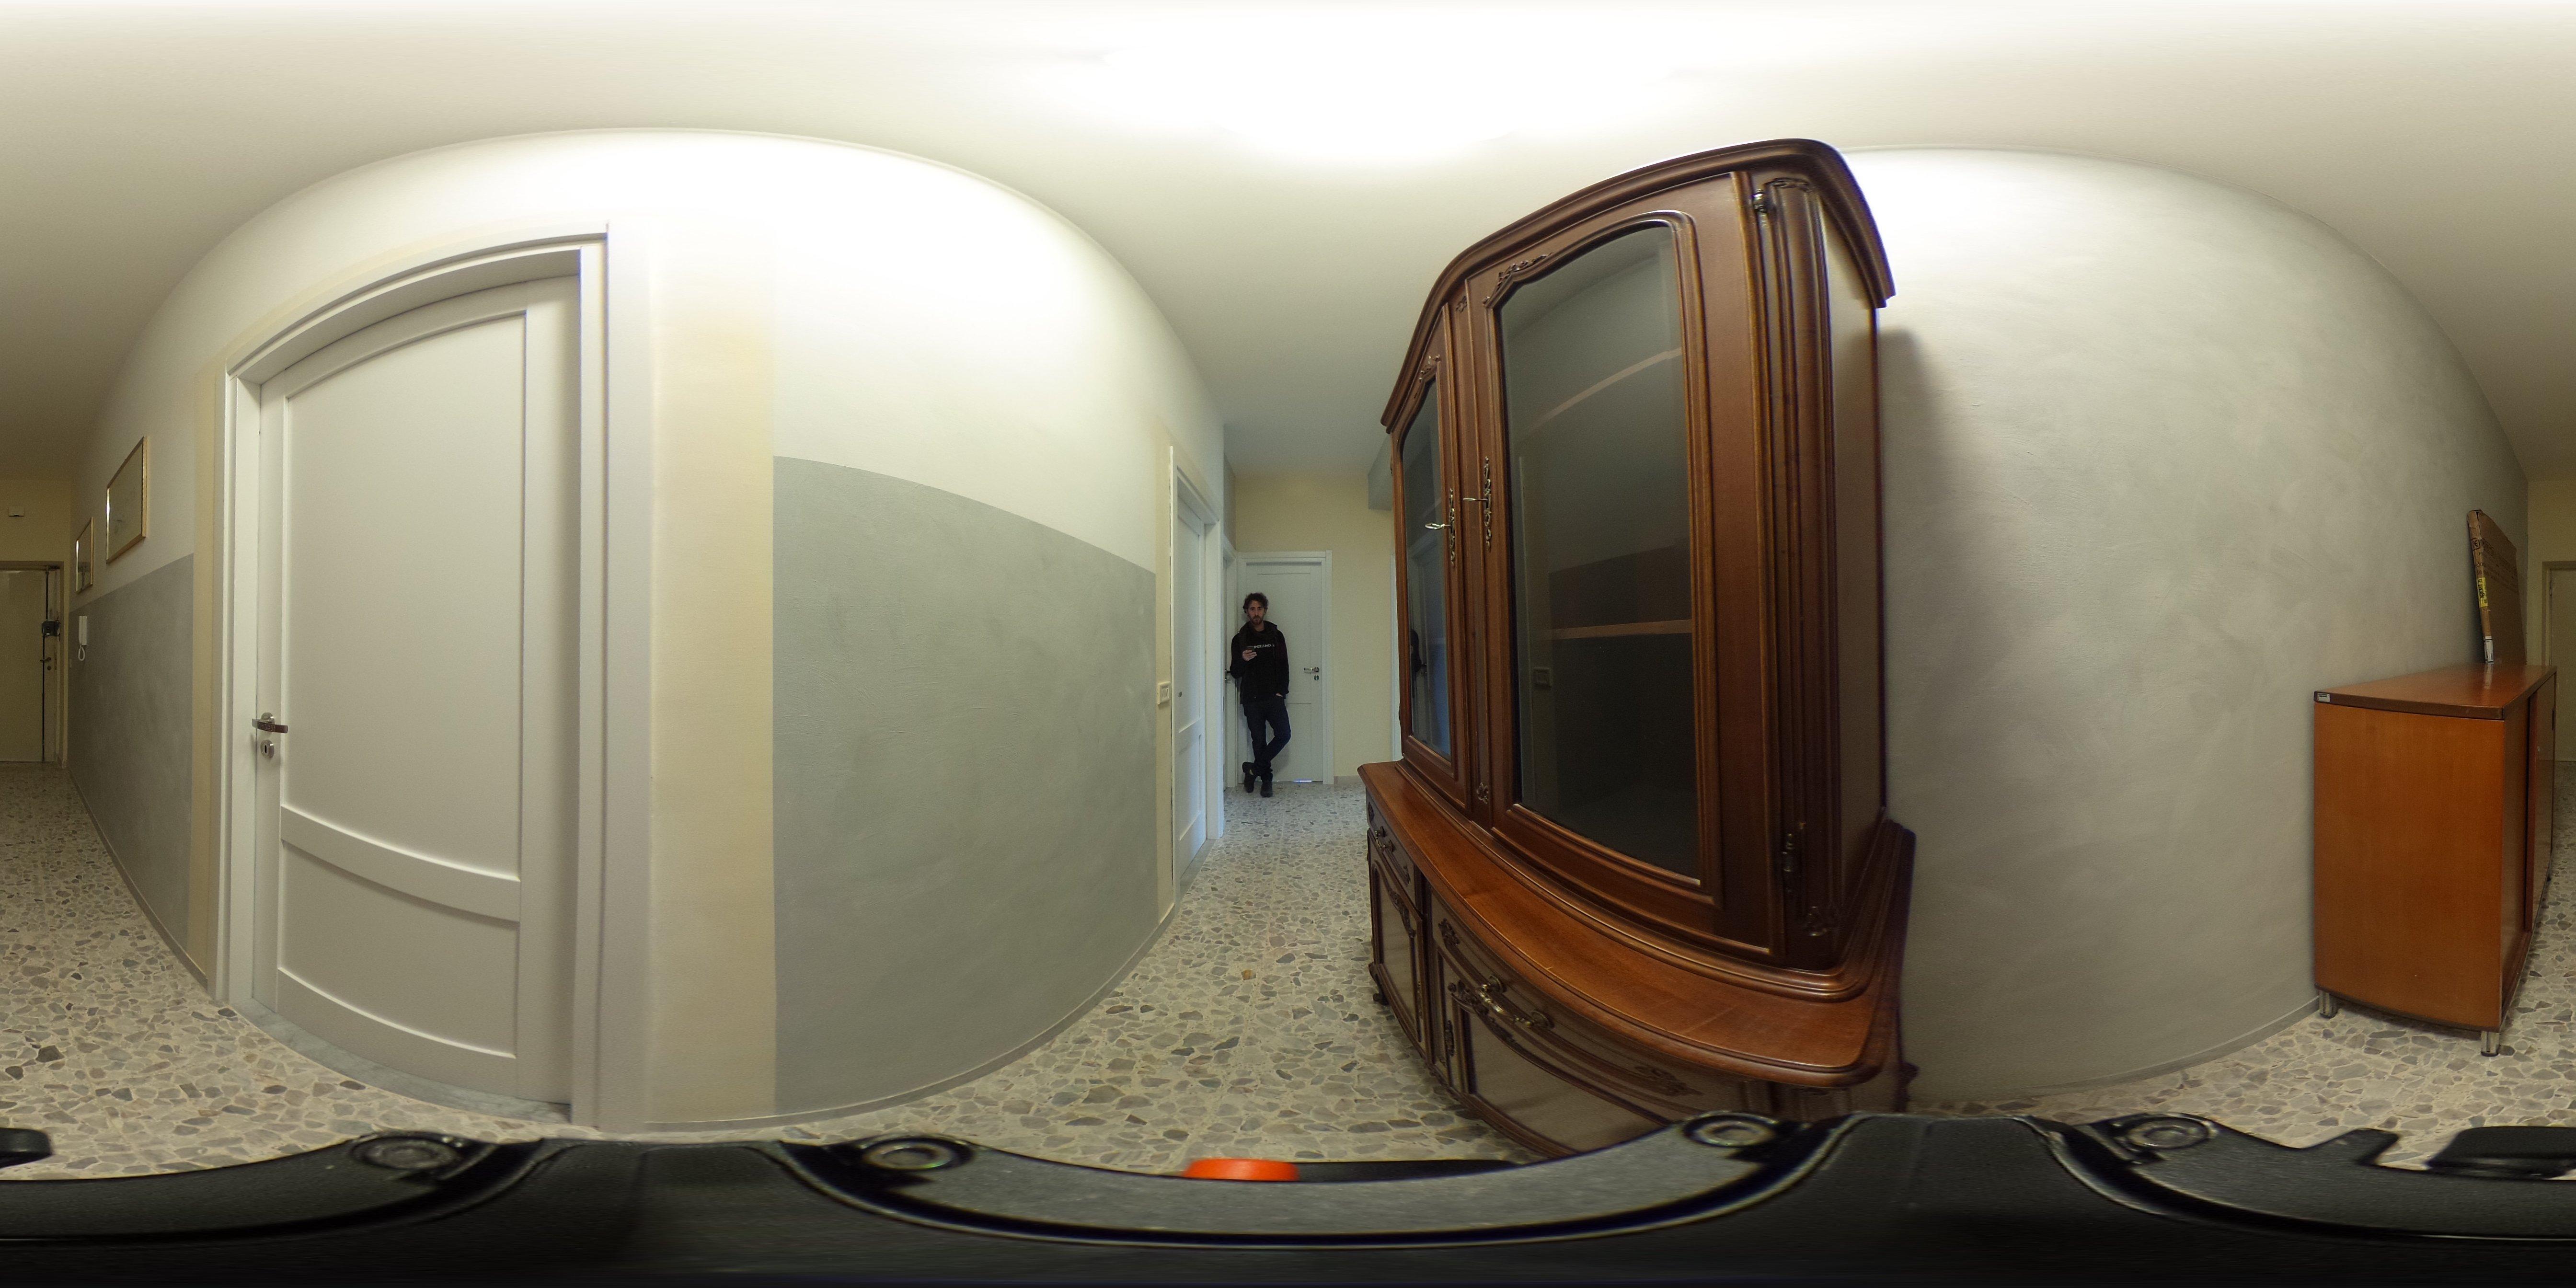 Camere Da Letto Trailer.Camera Con Balcone Privato In Affitto In Appartamento Con 3 Camere Da Letto A Tor Cervara